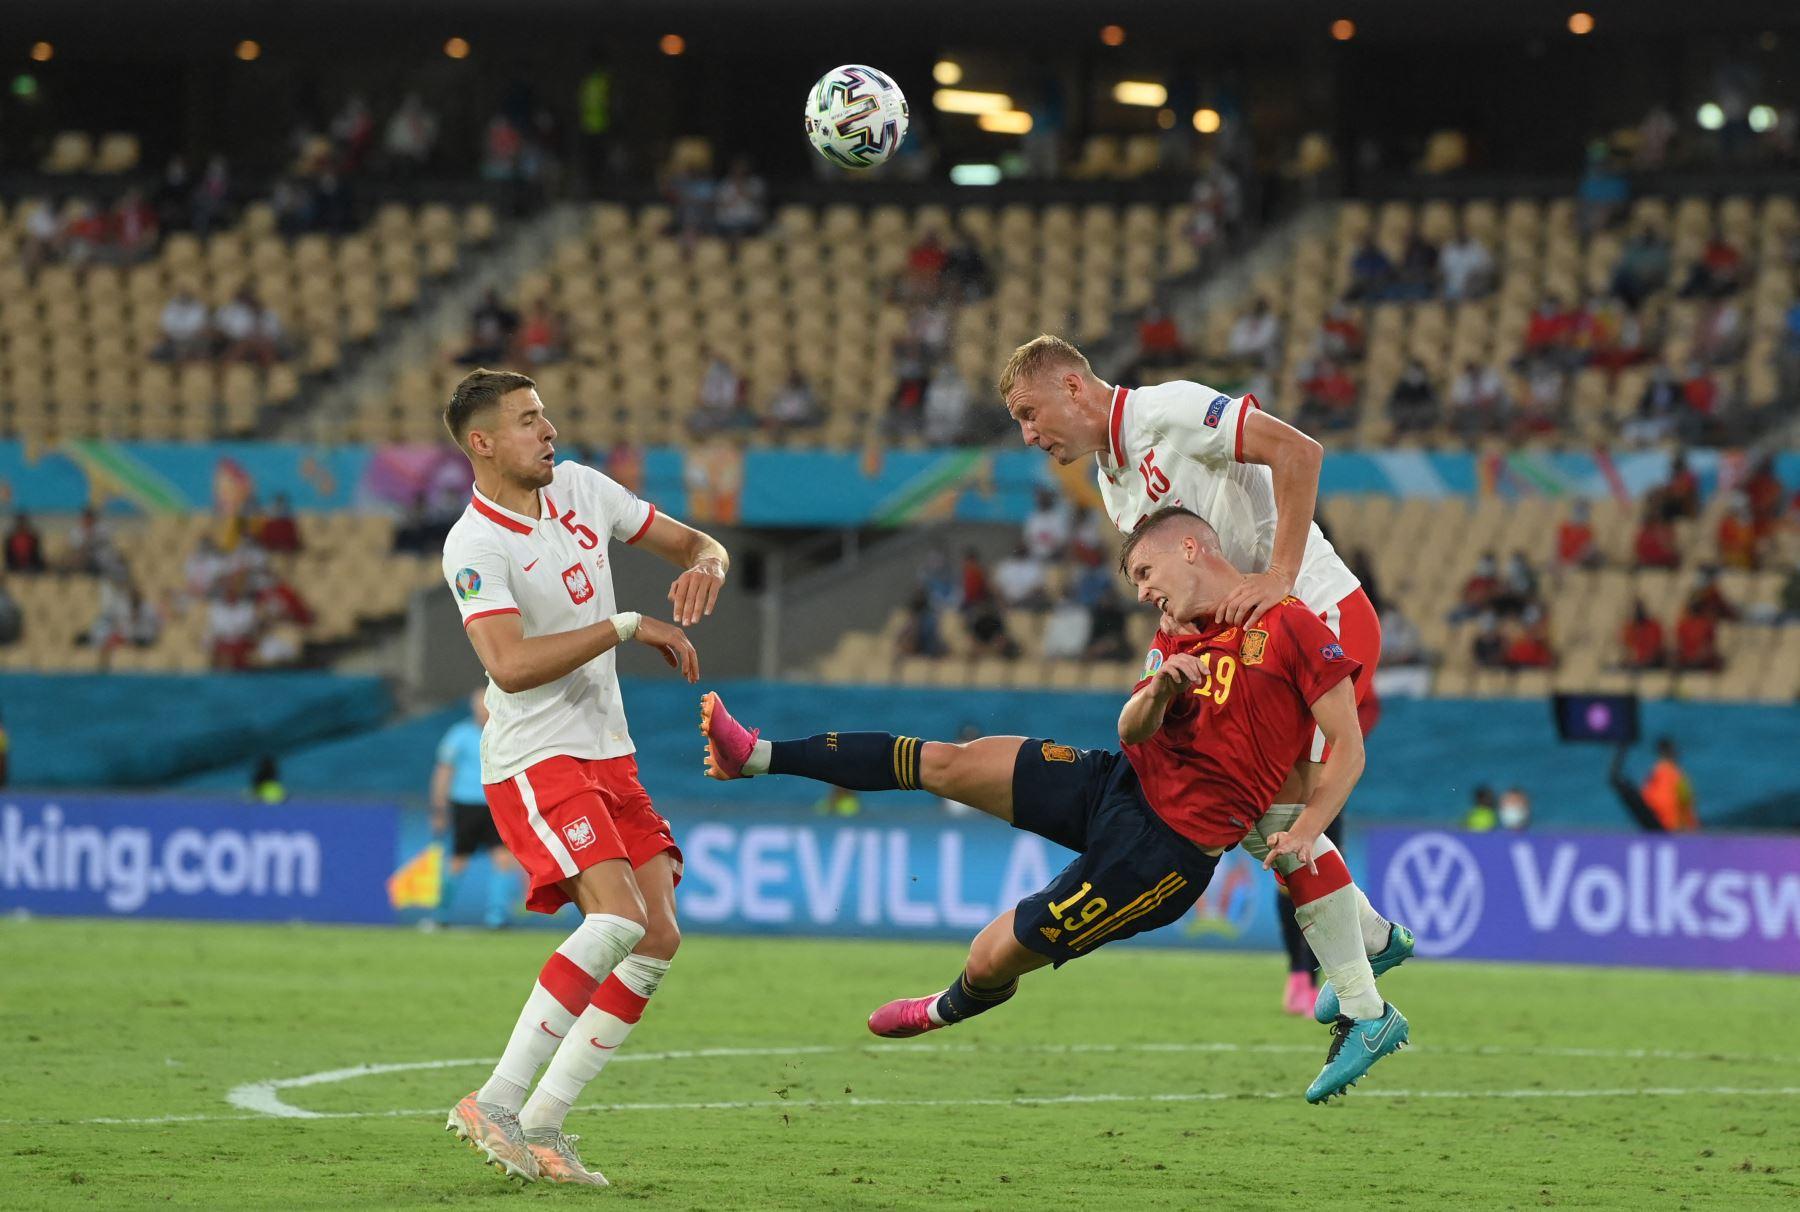 El defensor polaco Kamil Glik (R) compite por el balón con el mediocampista español Daniel Olmo (C) durante el partido de fútbol del Grupo E de la UEFA EURO 2020 entre España y Polonia en el Estadio La Cartuja en Sevilla, España. Foto: AFP